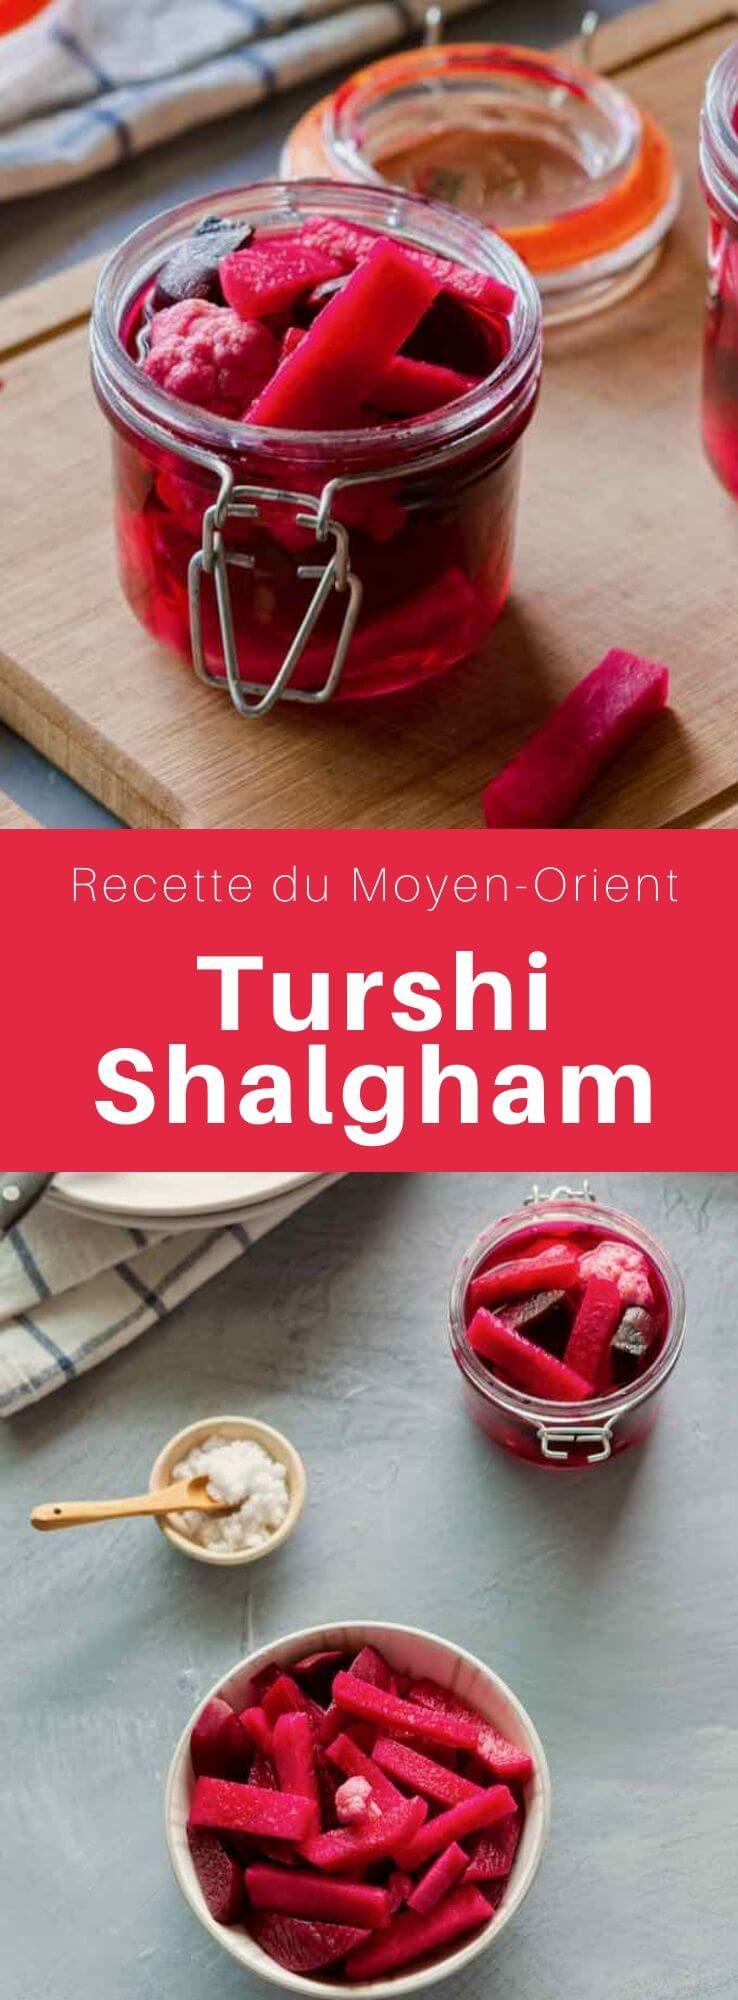 Le turshi shalgham est une variété traditionnelle irakienne de pickles principalement à base de navet en saumure auquel on ajoute des sommités de chou-fleur et de la betterave. #Irak #RecetteIrakienne #CuisineIrakienne #CuisineDuMonde #196flavors